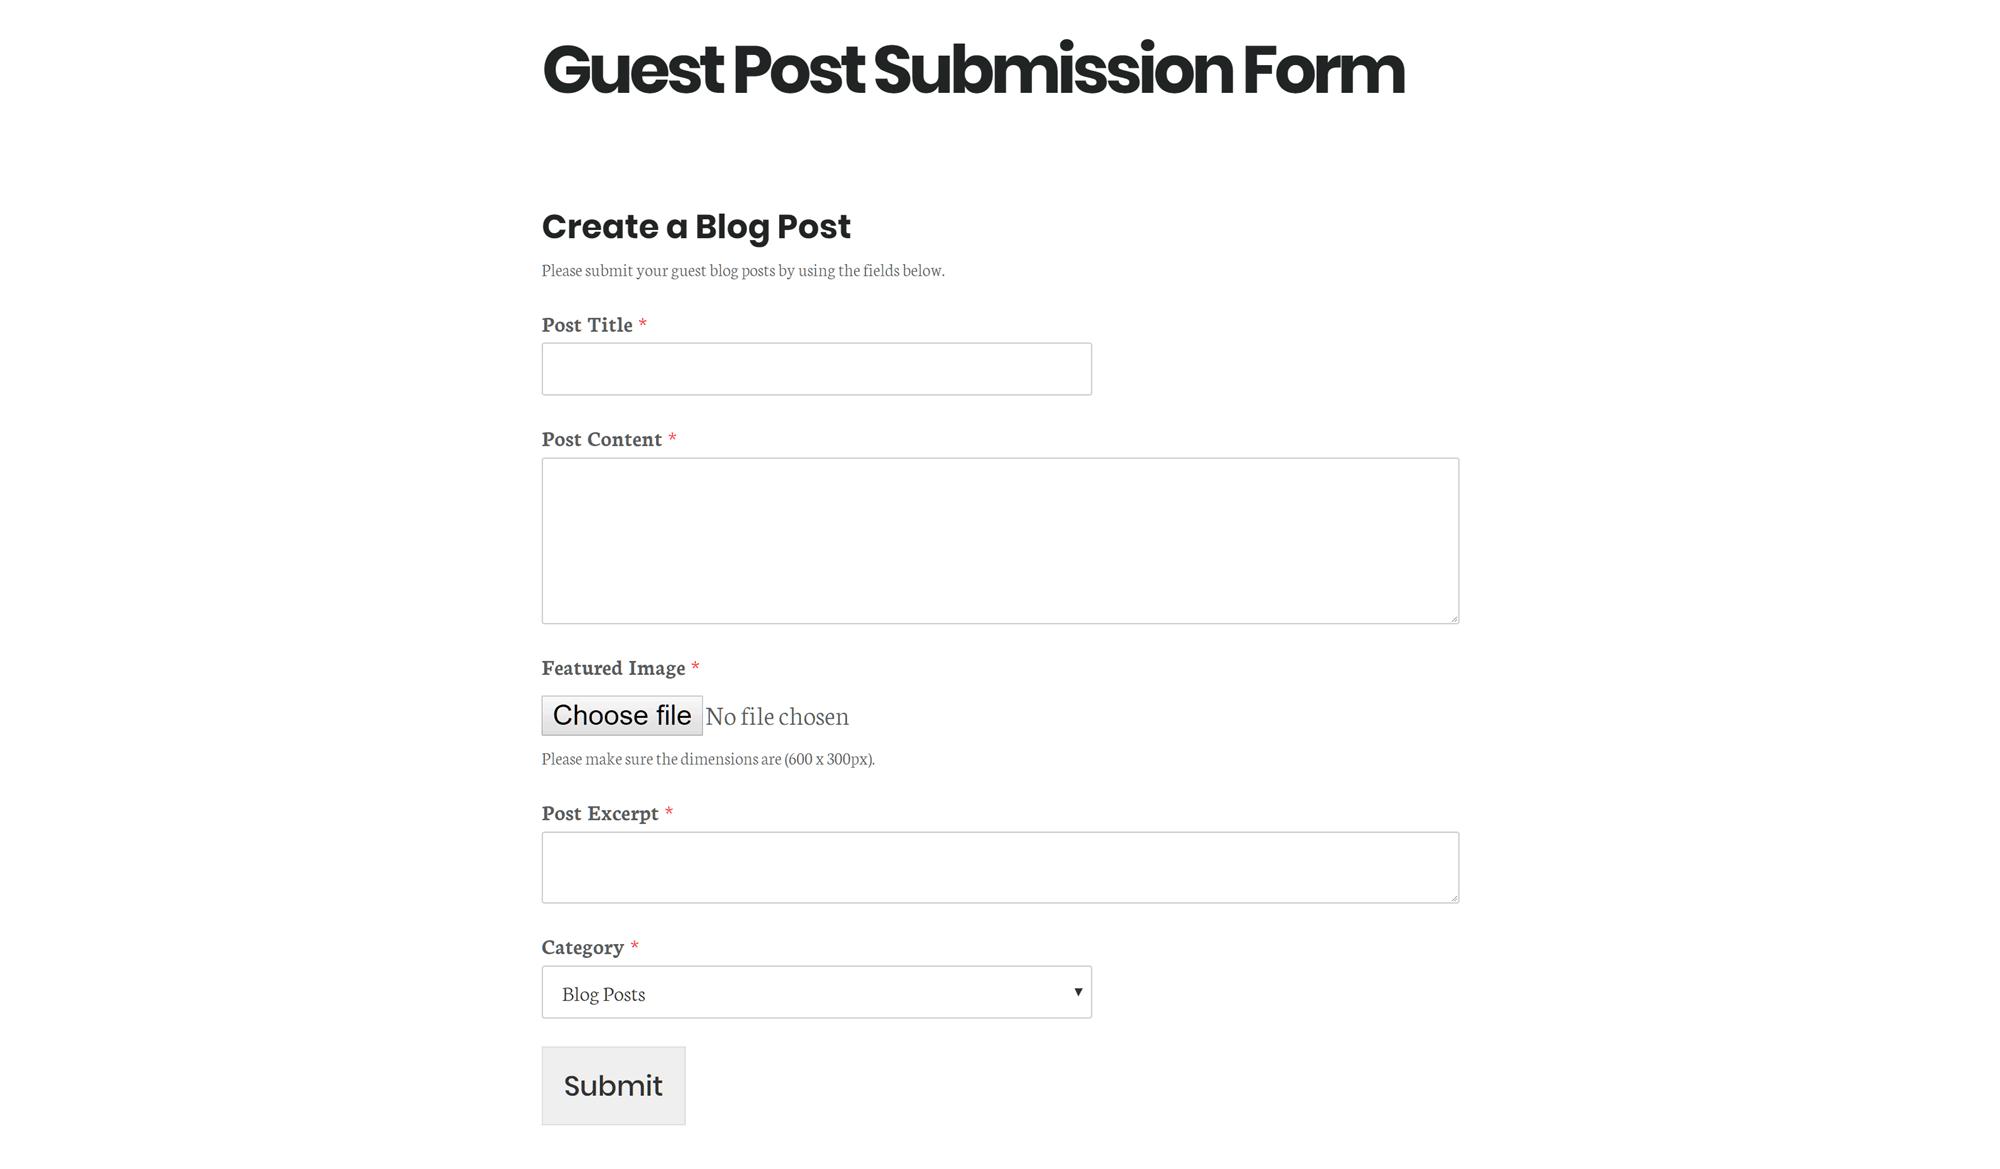 Ejemplo de un formulario de envío posterior